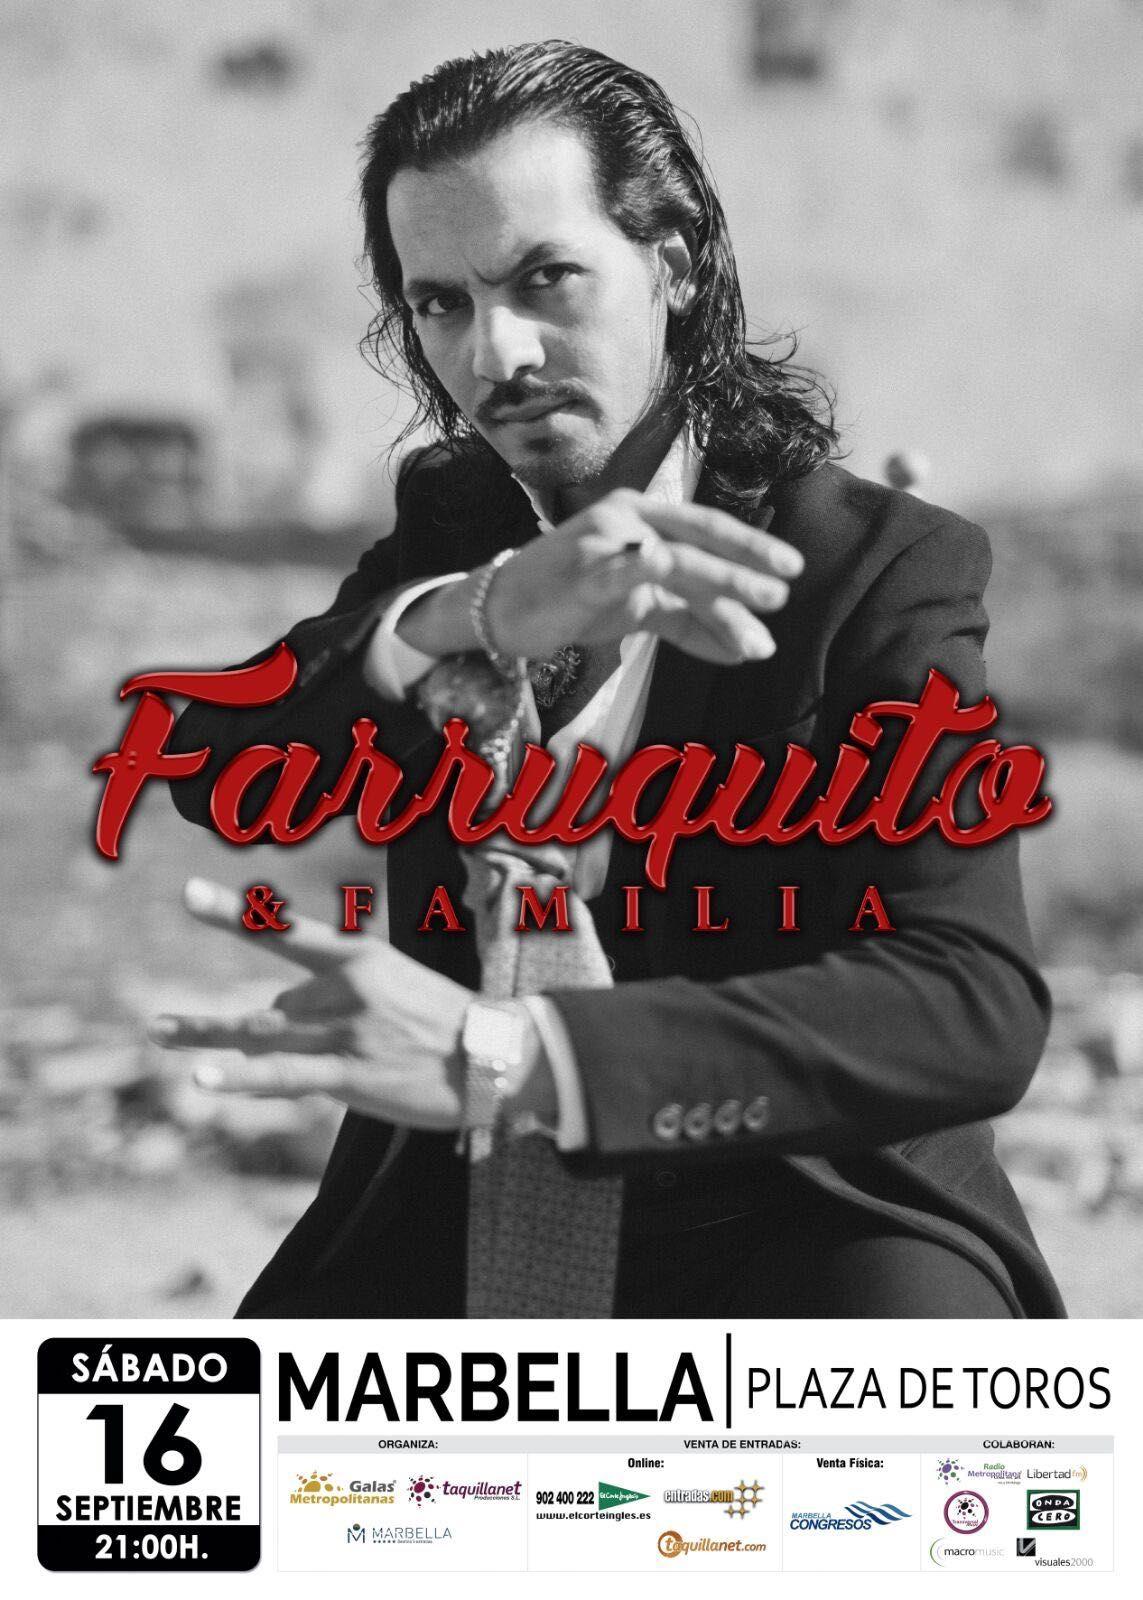 Farruquito & Familia en #Marbella. Sábado 16 Septiembre #2017 #Flamenco . Entradas a la venta: 902 400 222 ; www.elcorteingles.es ; taquillanet.com; entradas.com)